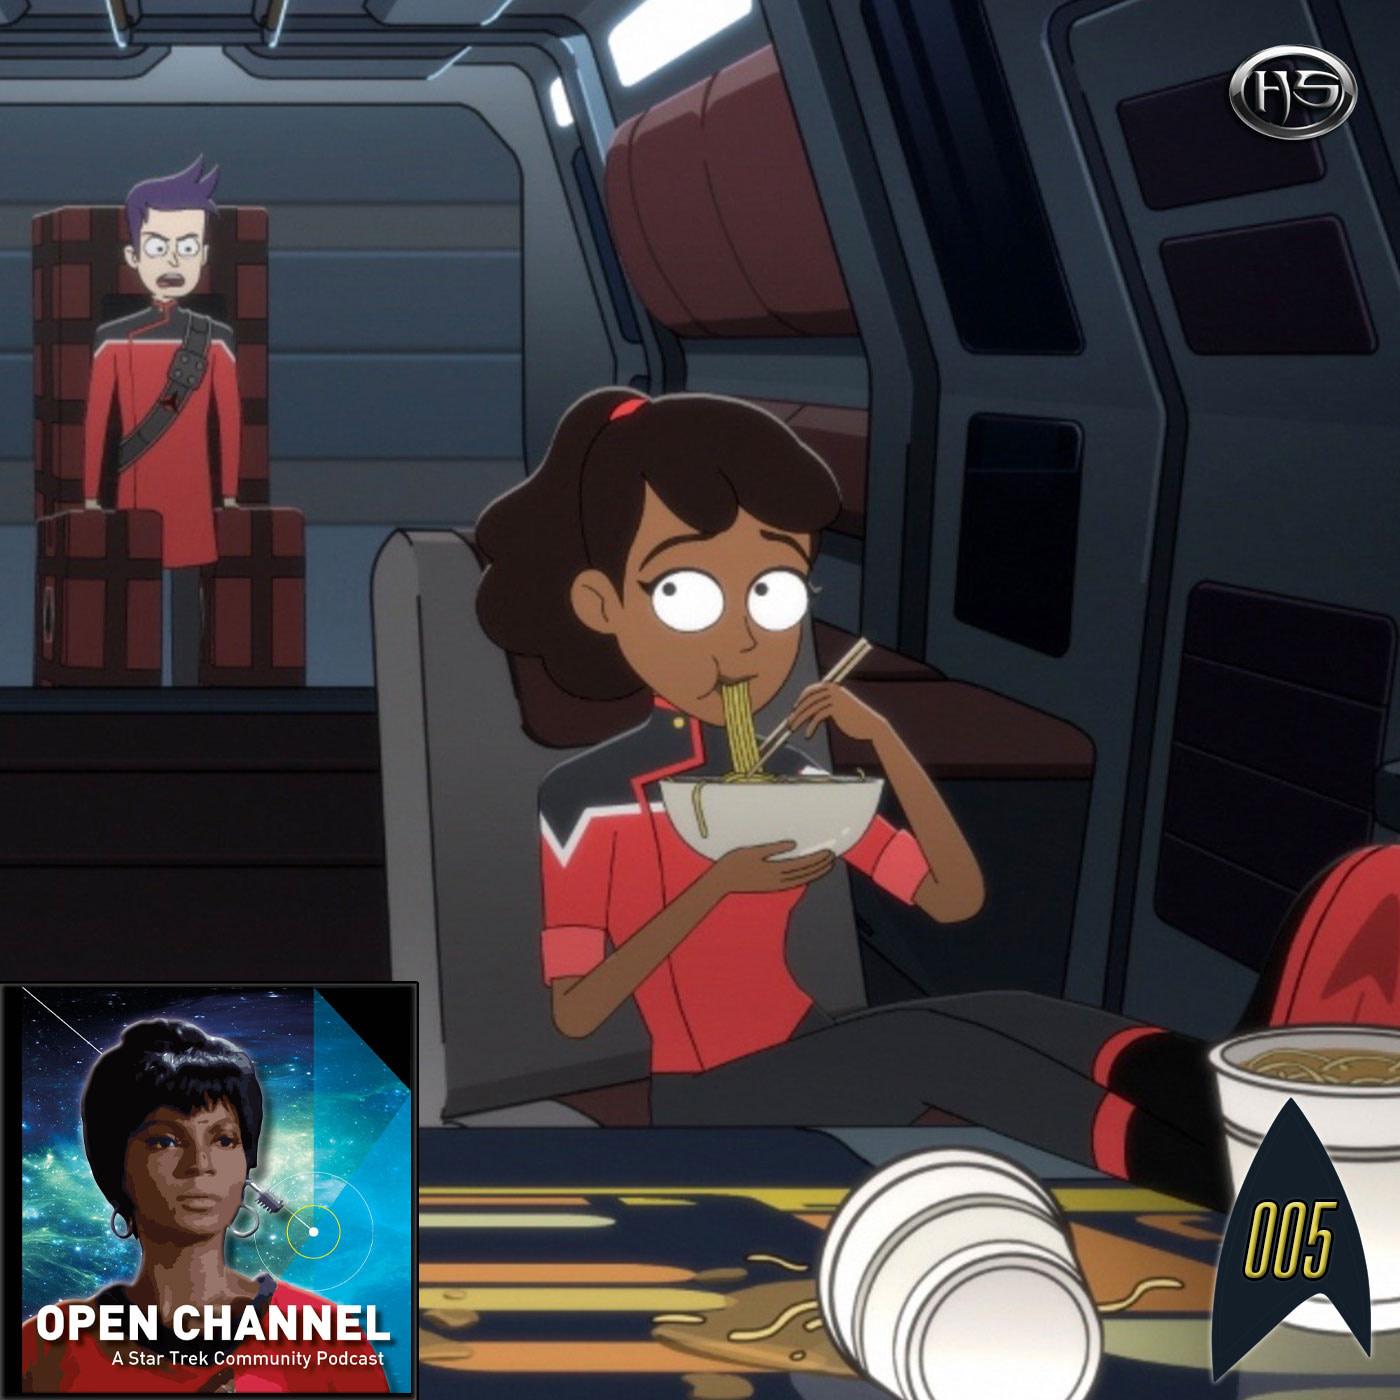 Open Channel Episode 5